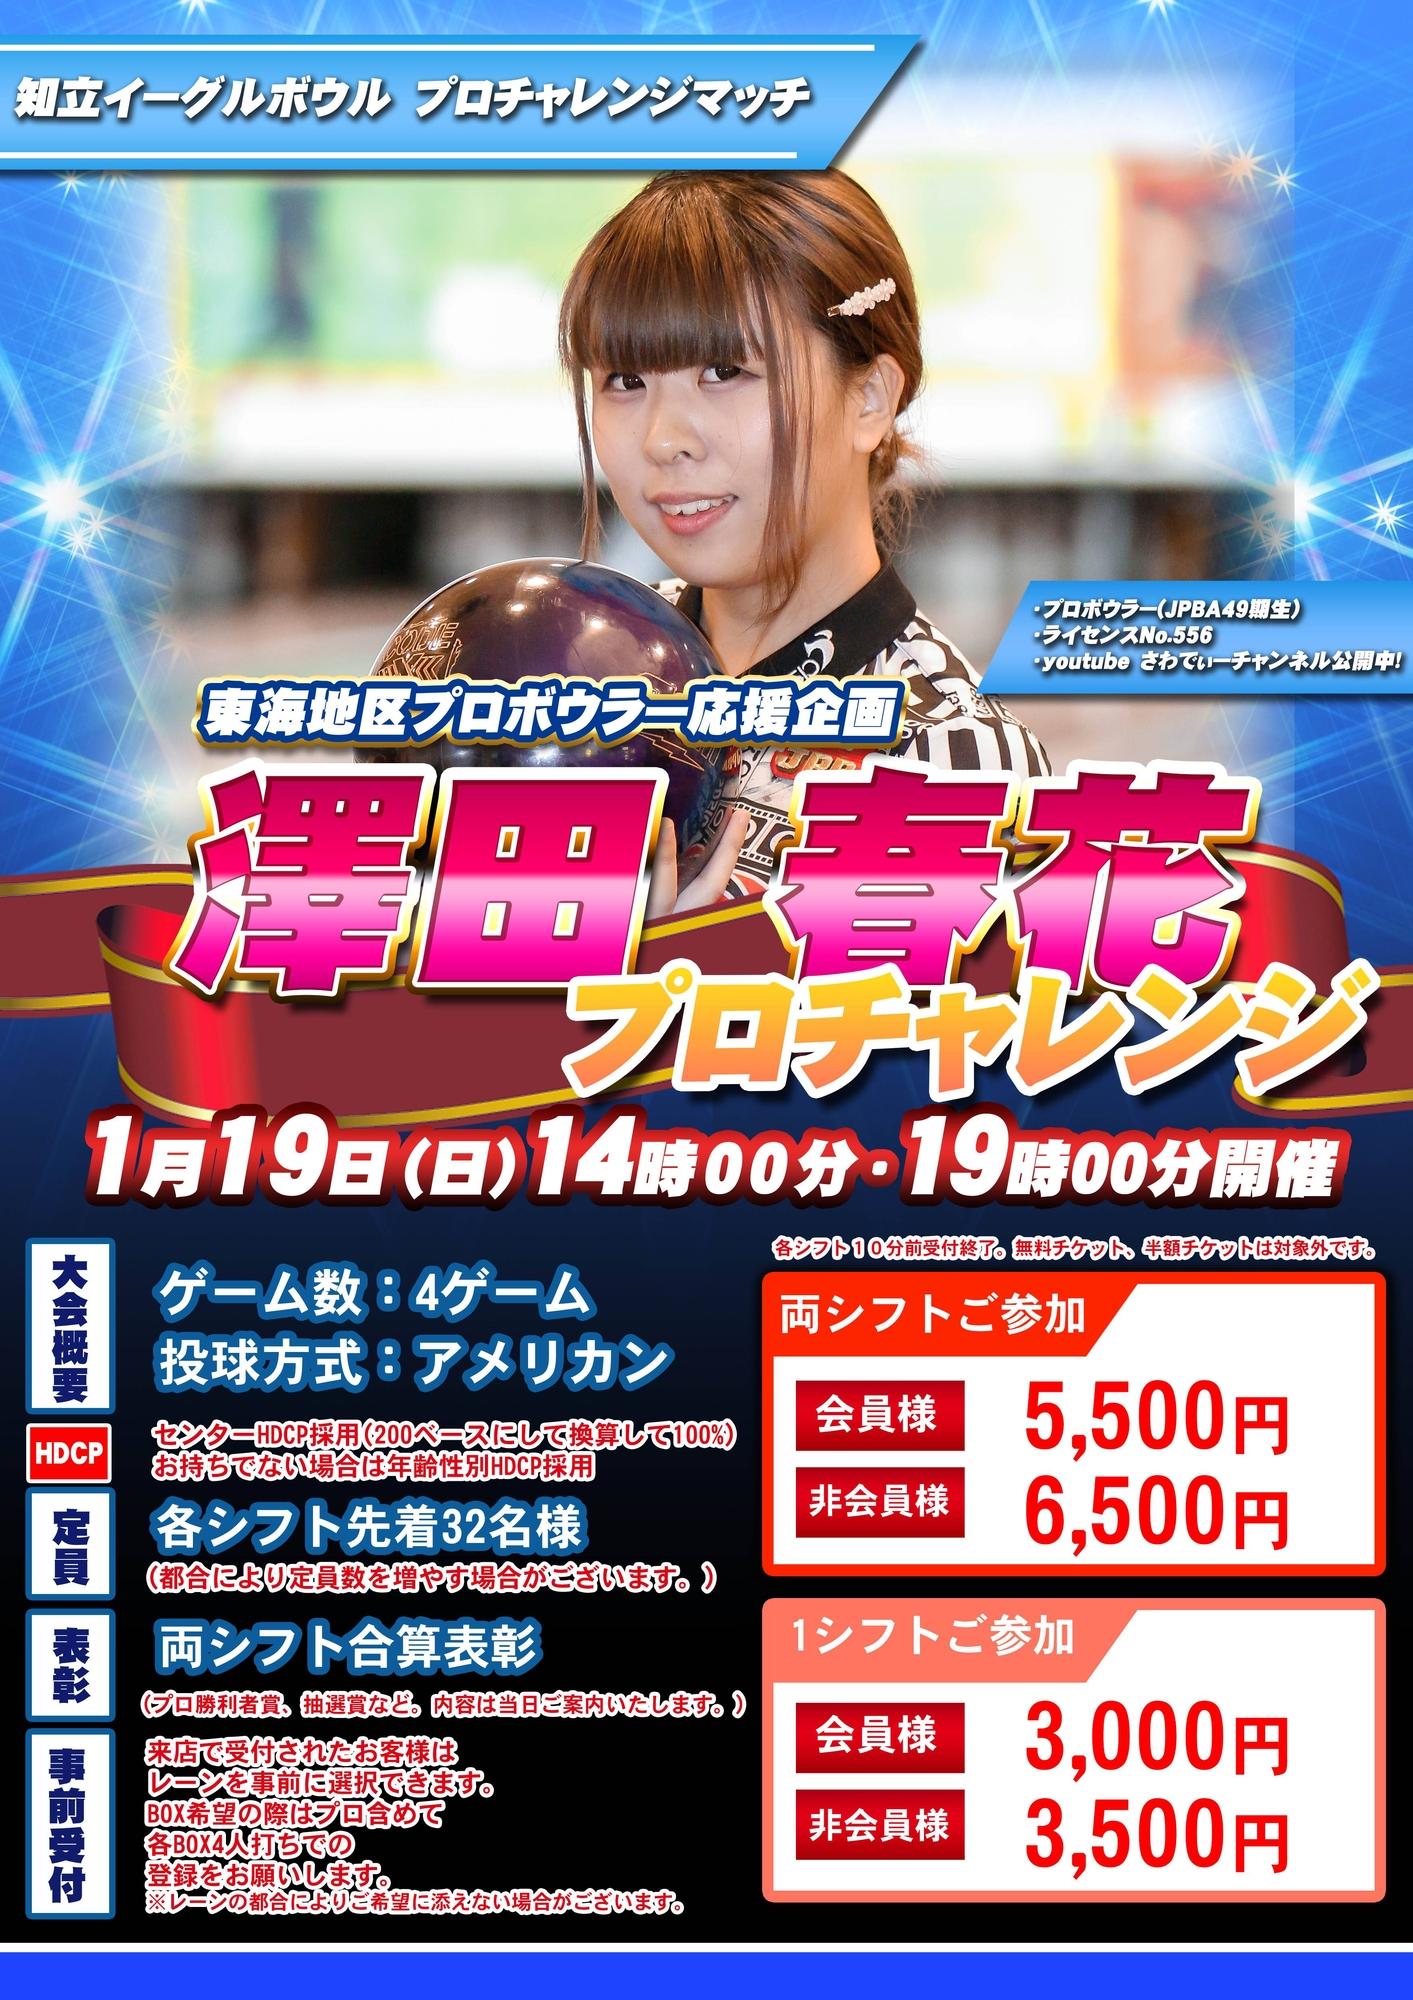 1/19 澤田春花プロチャレンジ